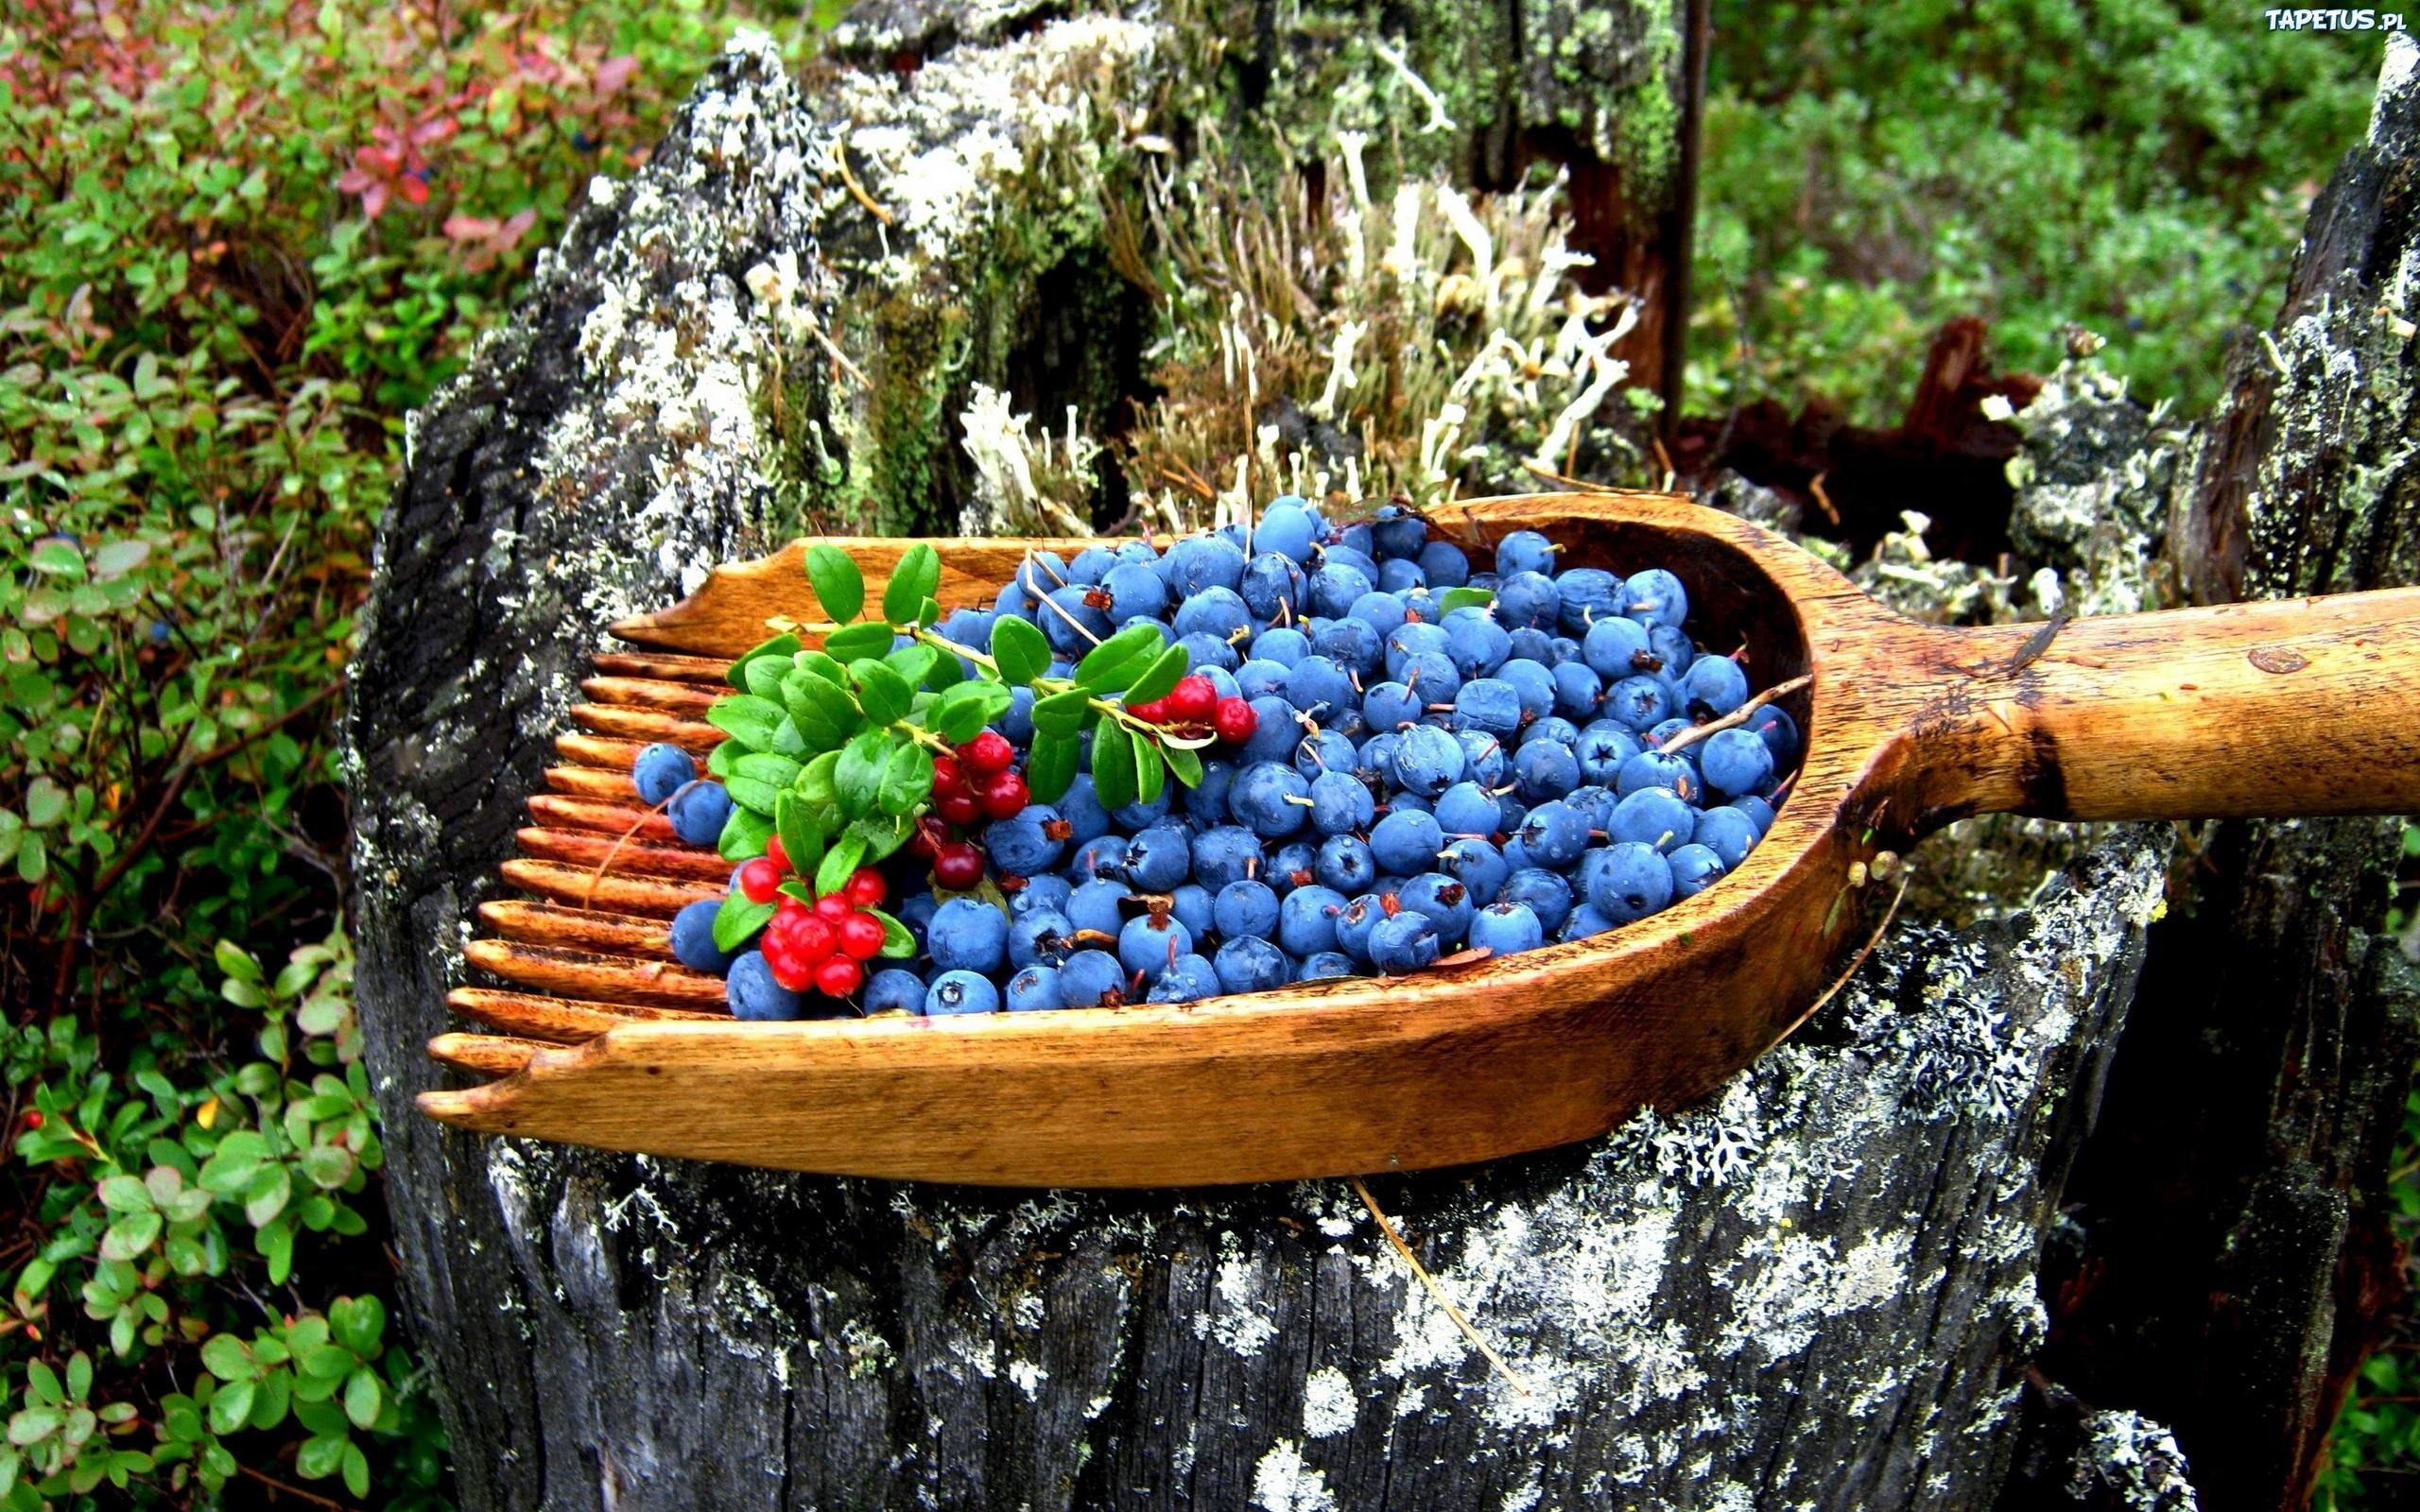 брусника ягода ведро бесплатно